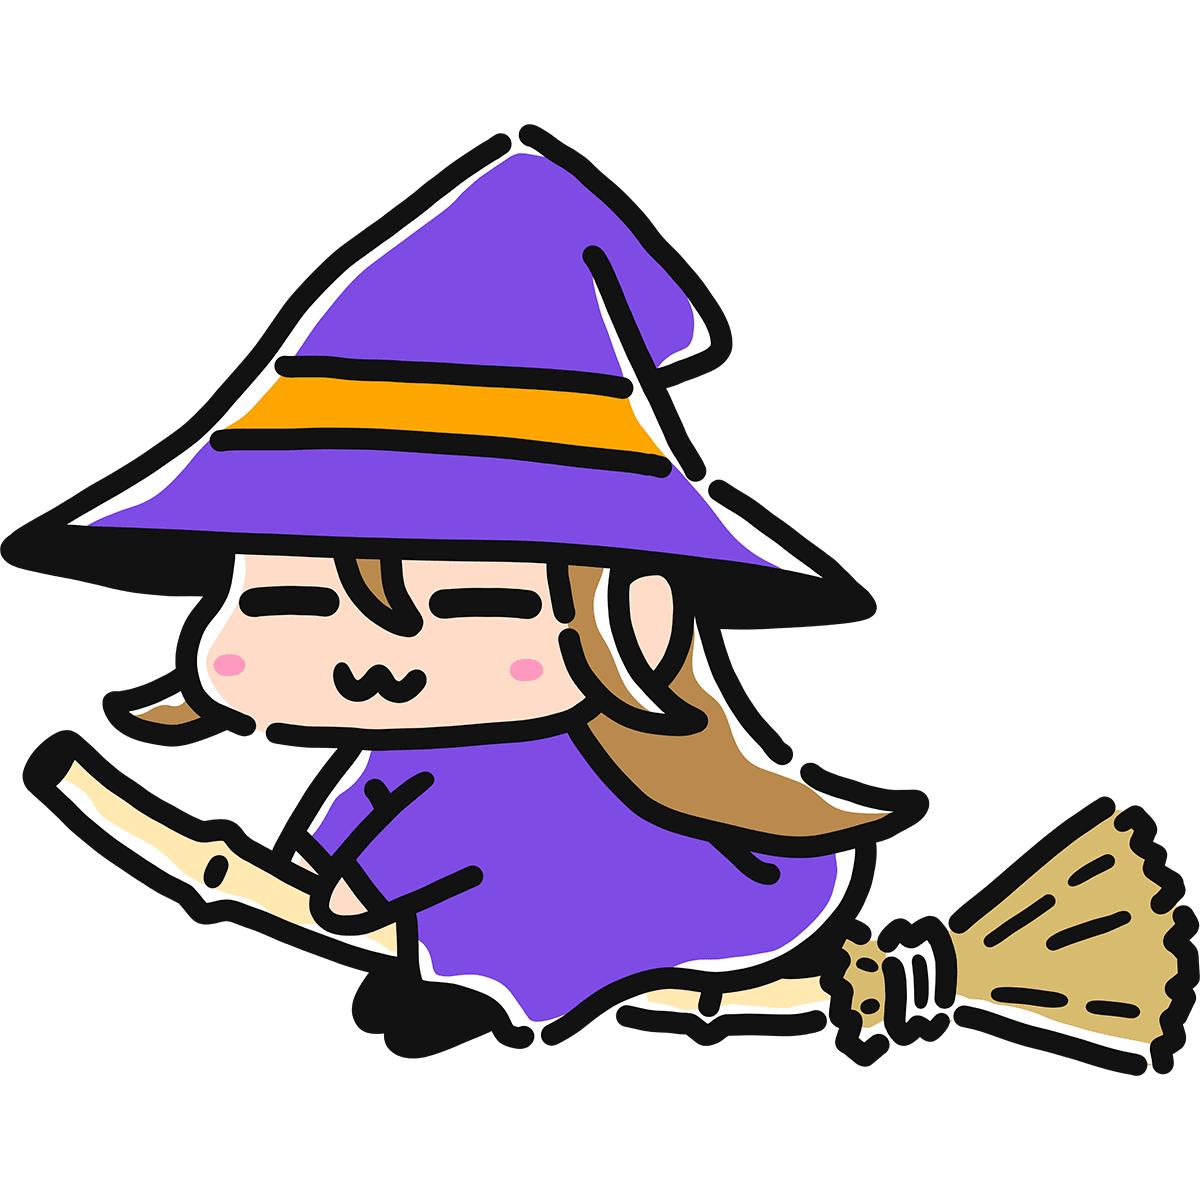 【手描き】魔女の無料イラスト